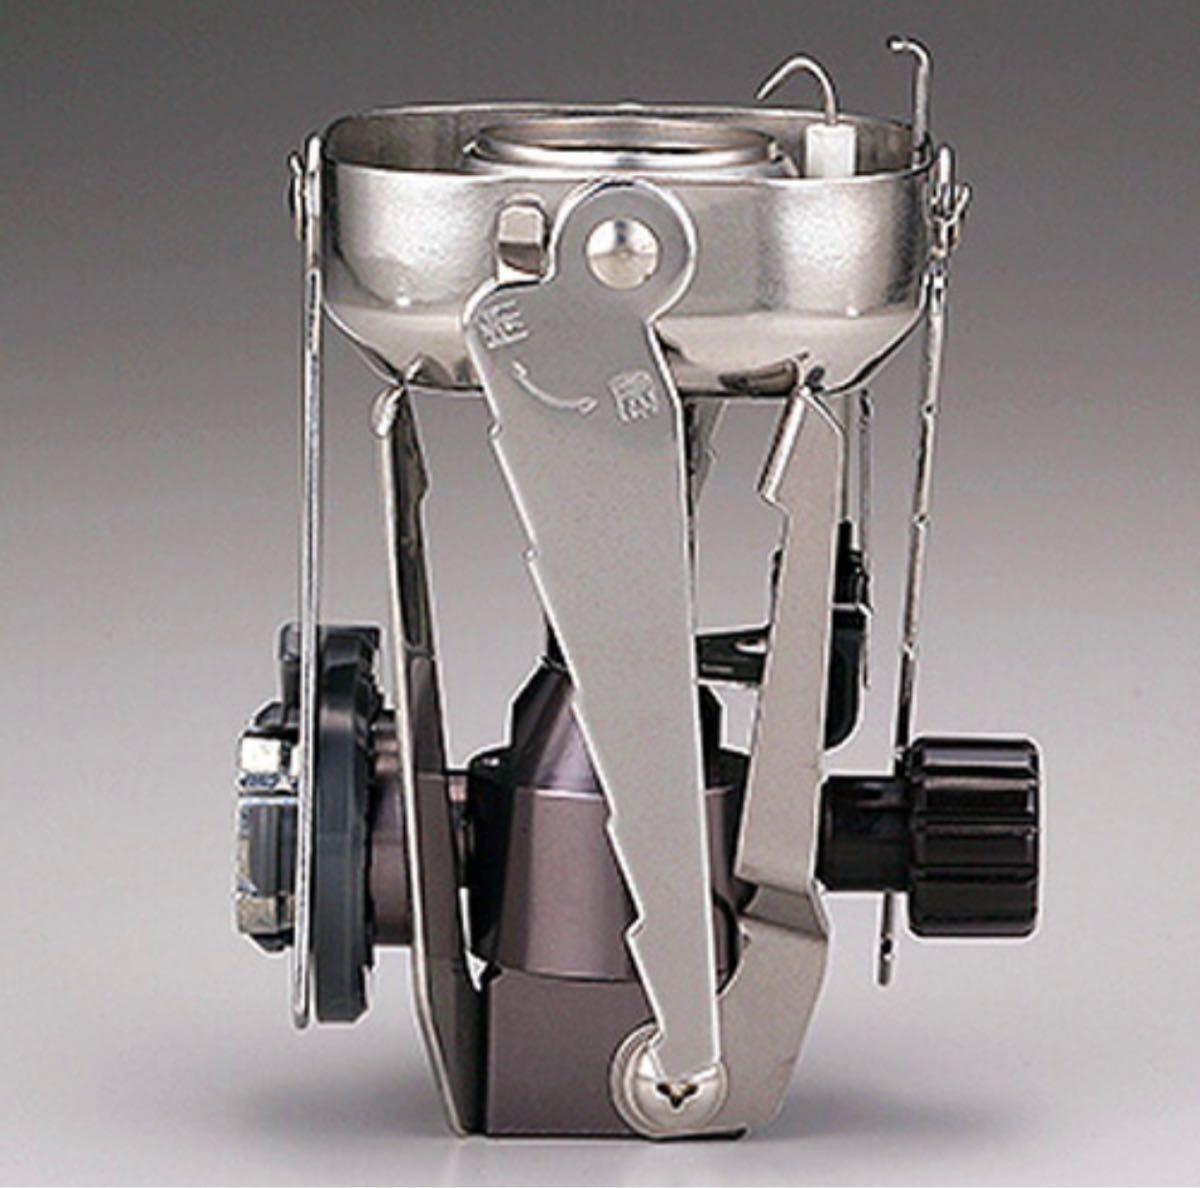 イワタニ カセットガス ジュニアコンパクトバーナー アウトドア ガスバーナー